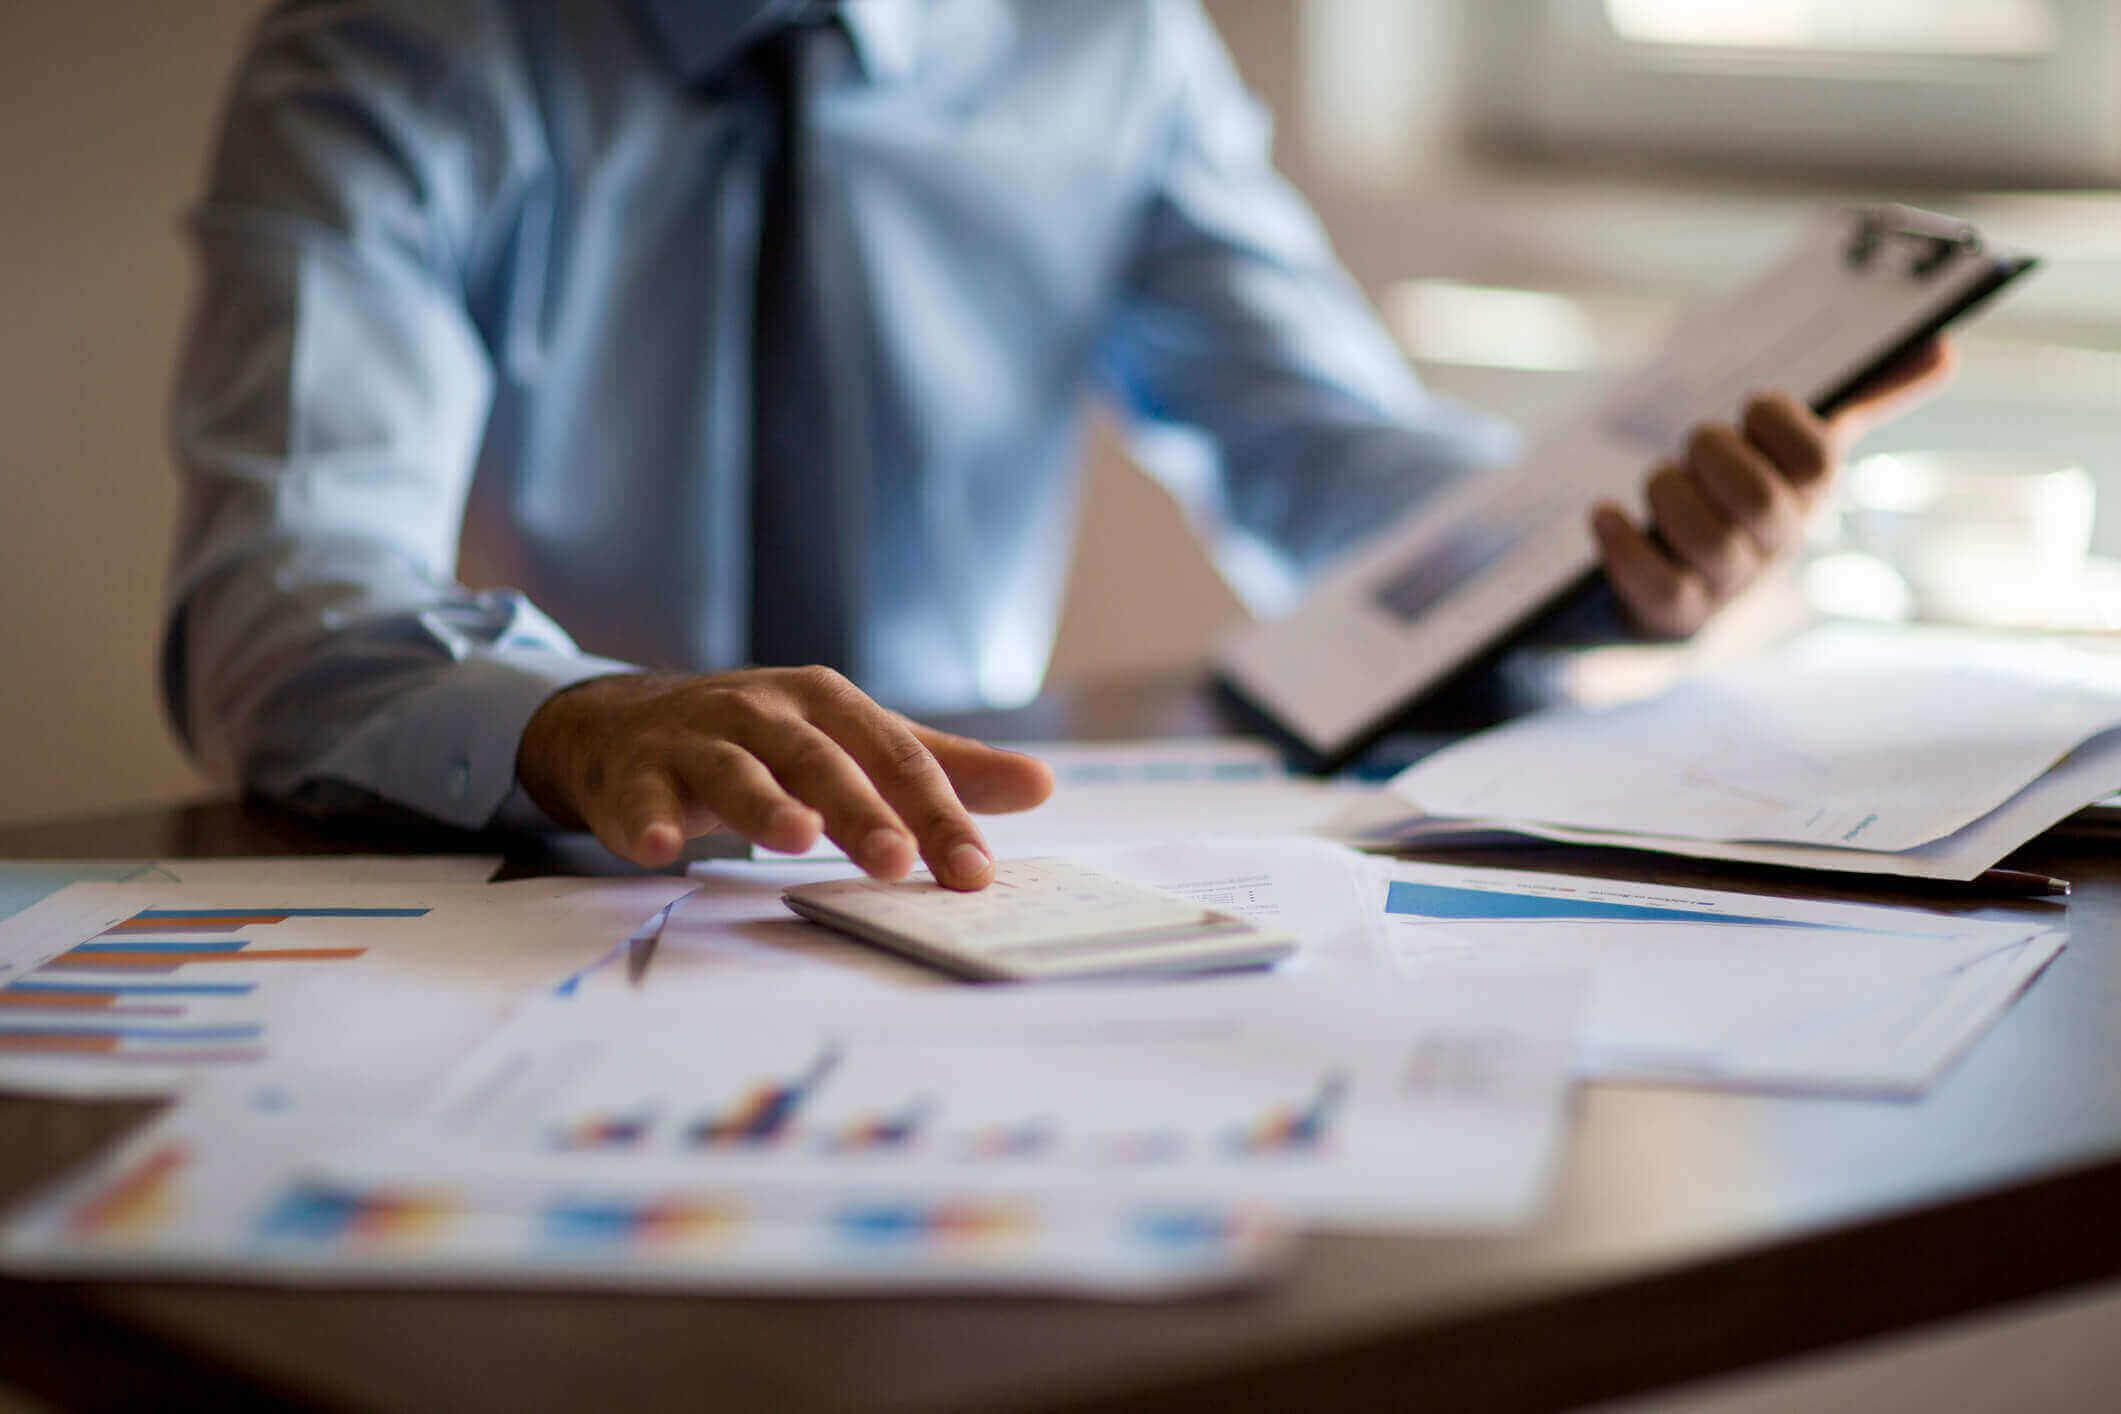 Existenzgründung: Die wichtigsten Bestandteile eines Finanzierungsplans